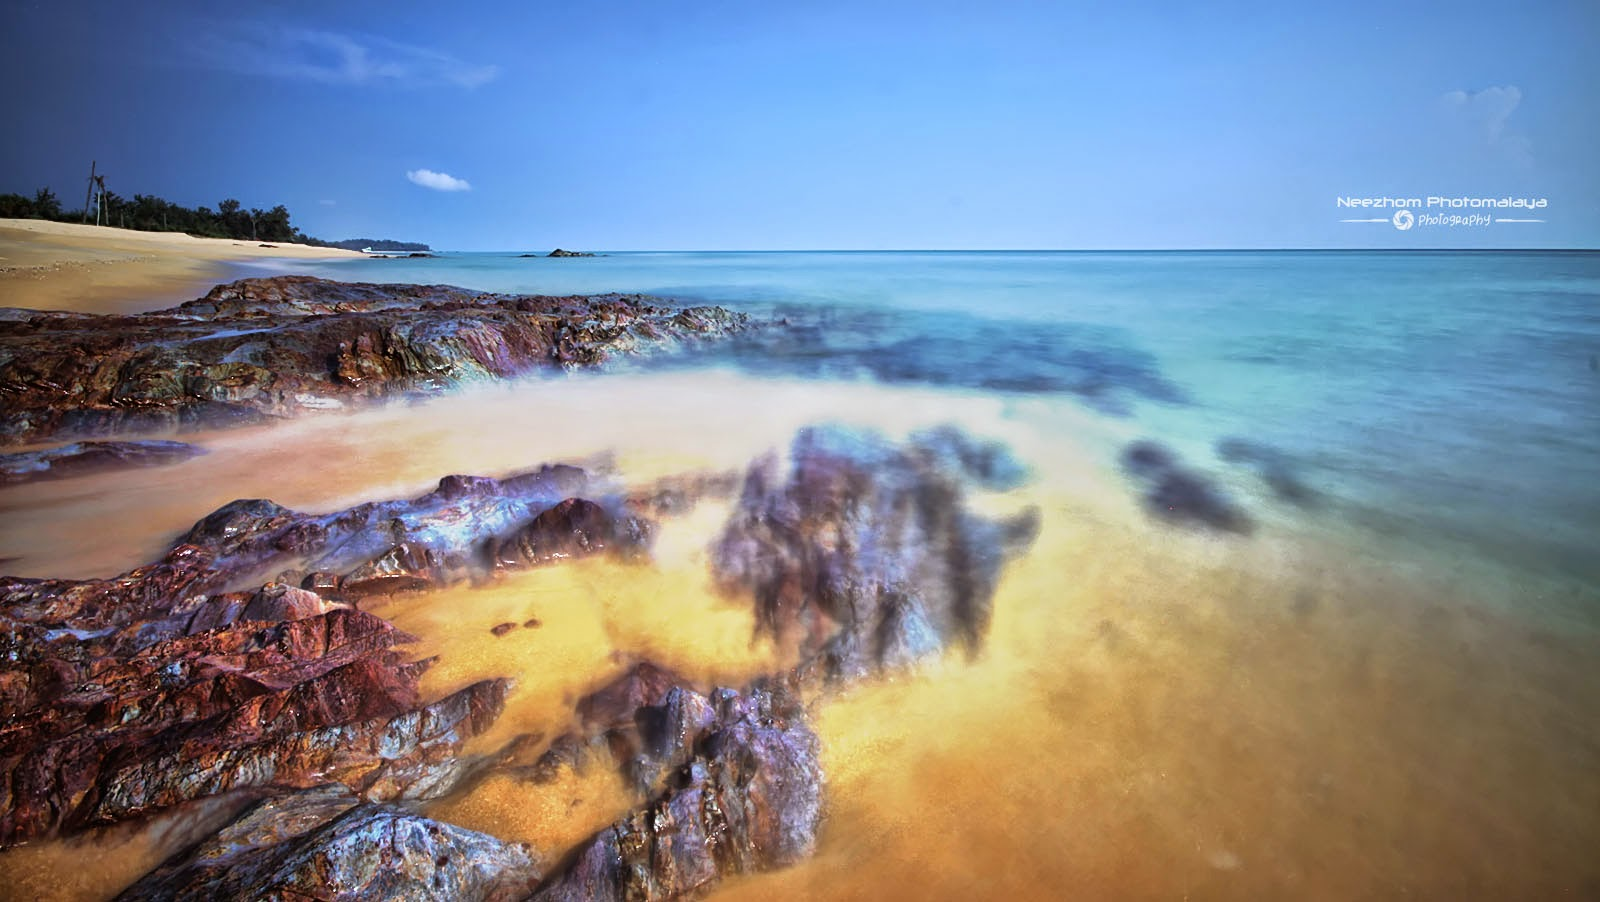 Pantai Teluk Bidara, Dungun